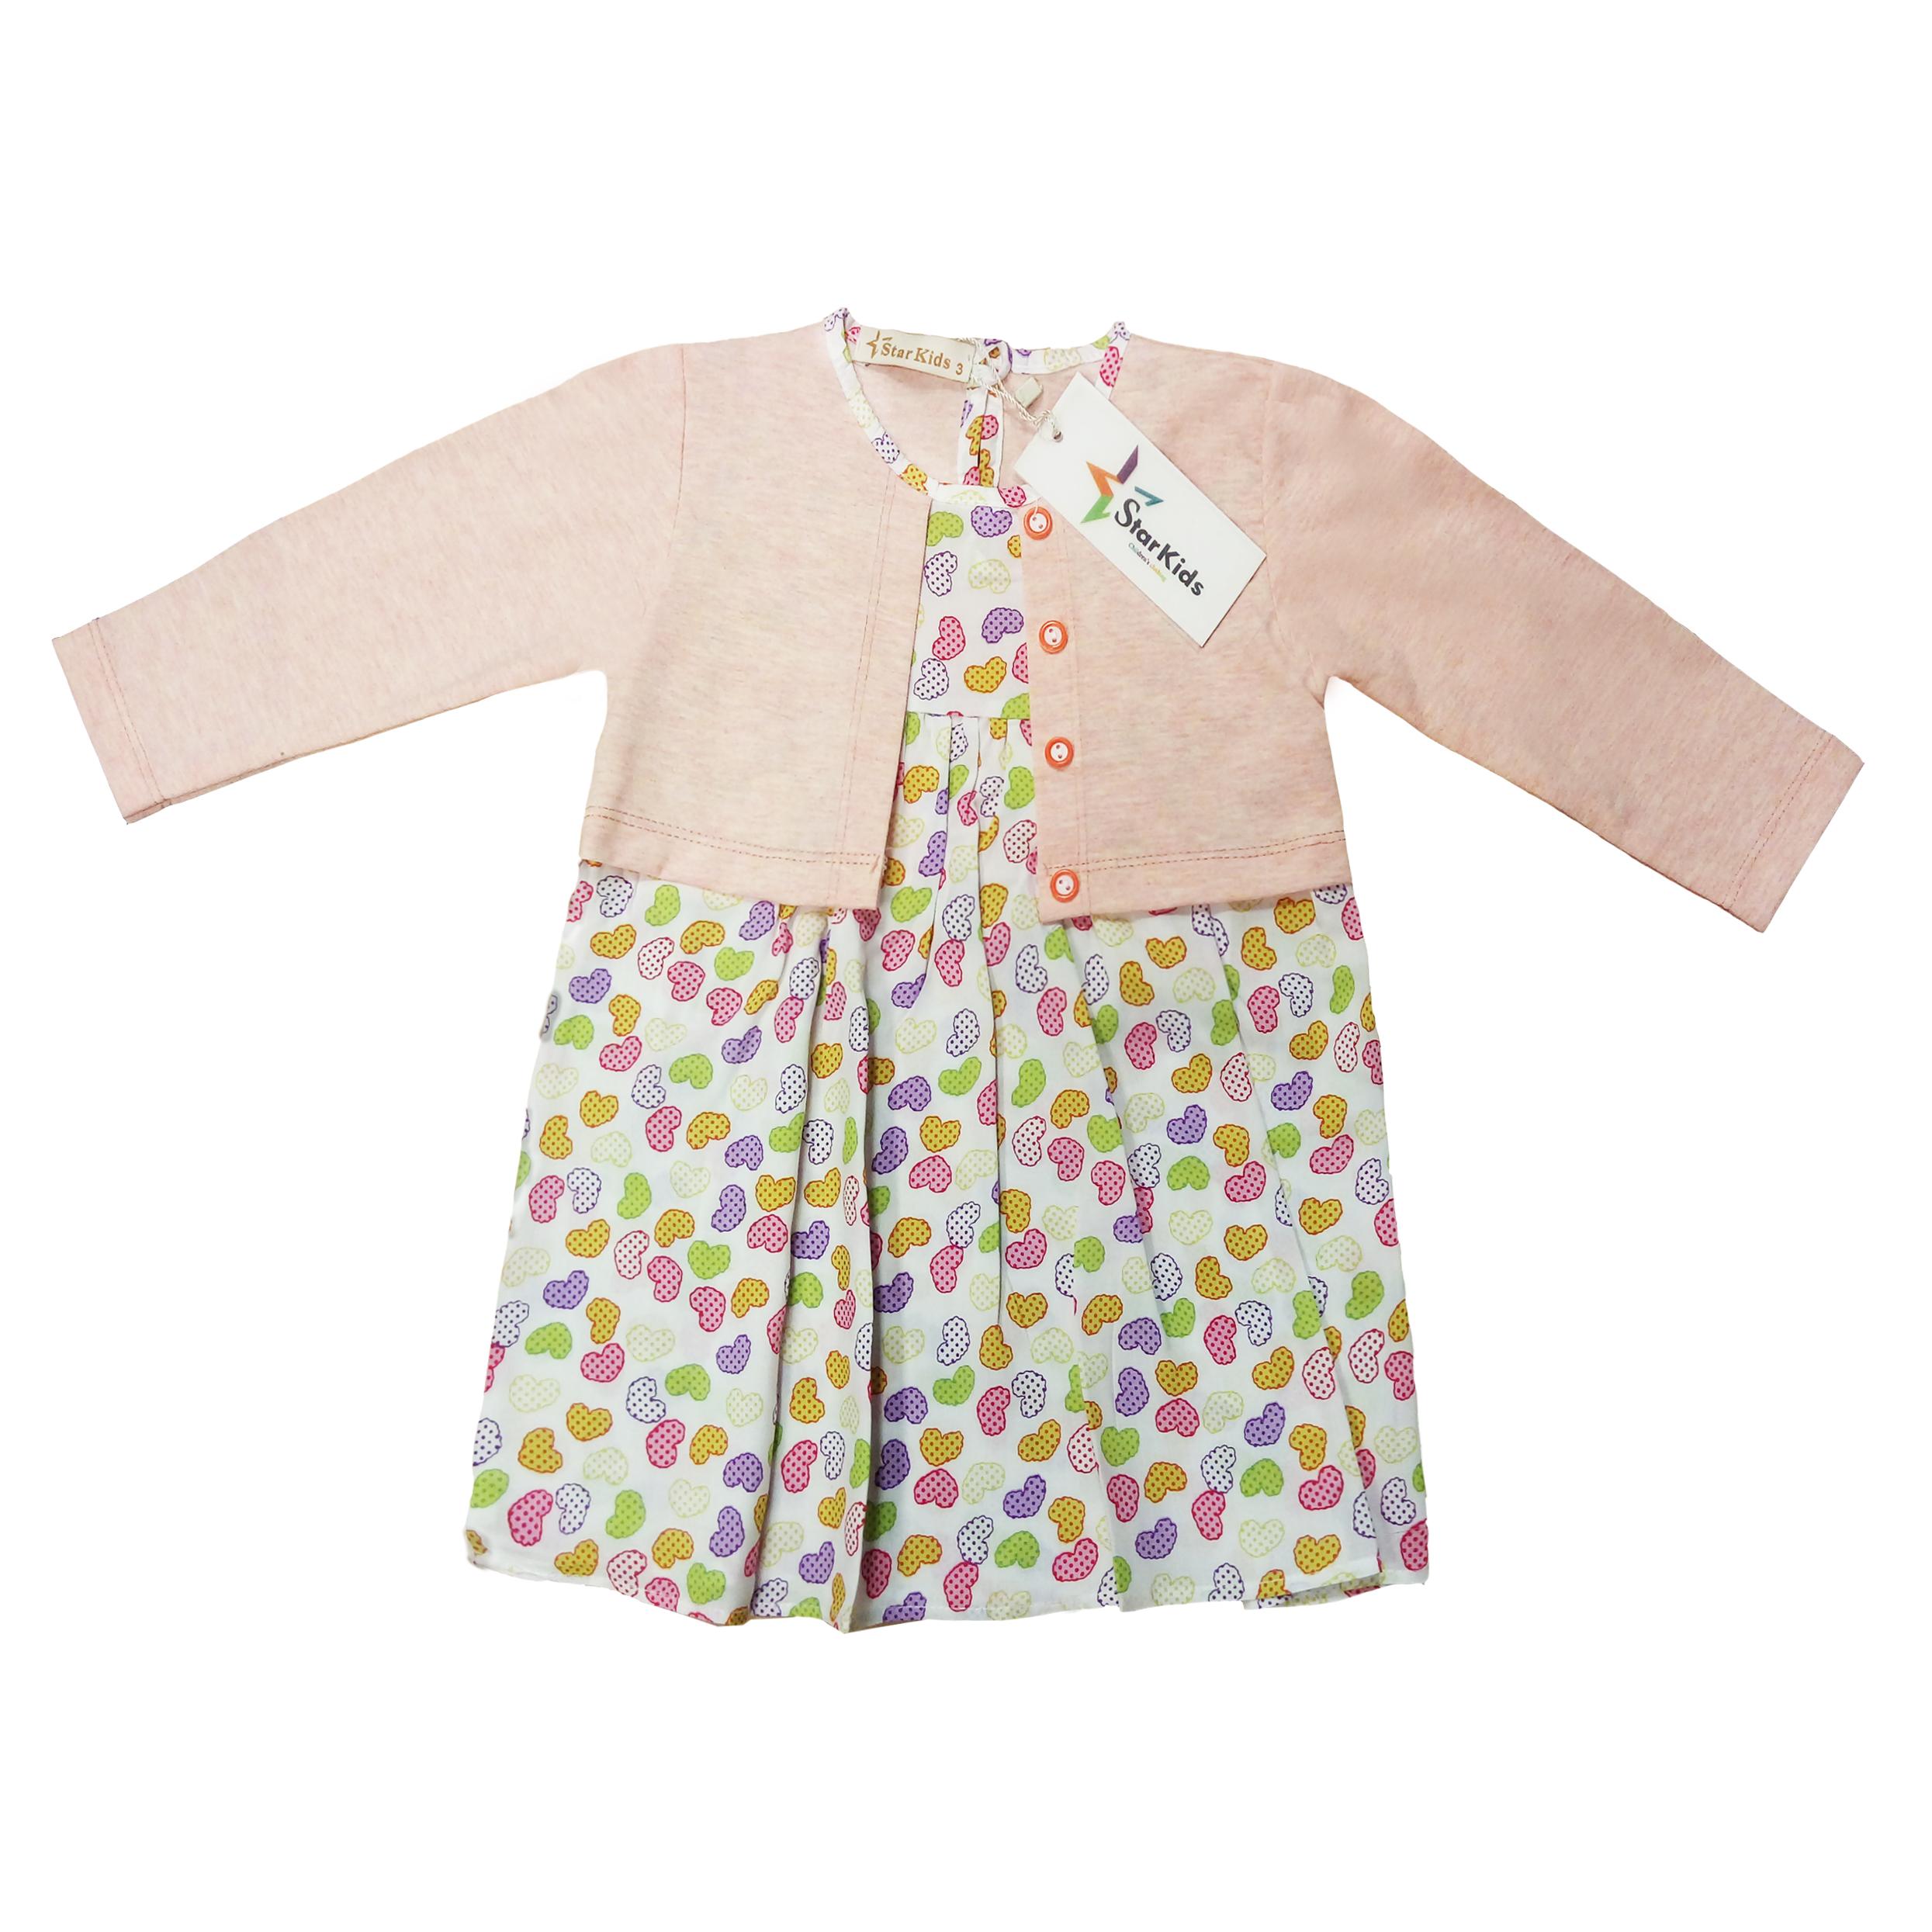 پیراهن دخترانه استارکیدز   کد 001101